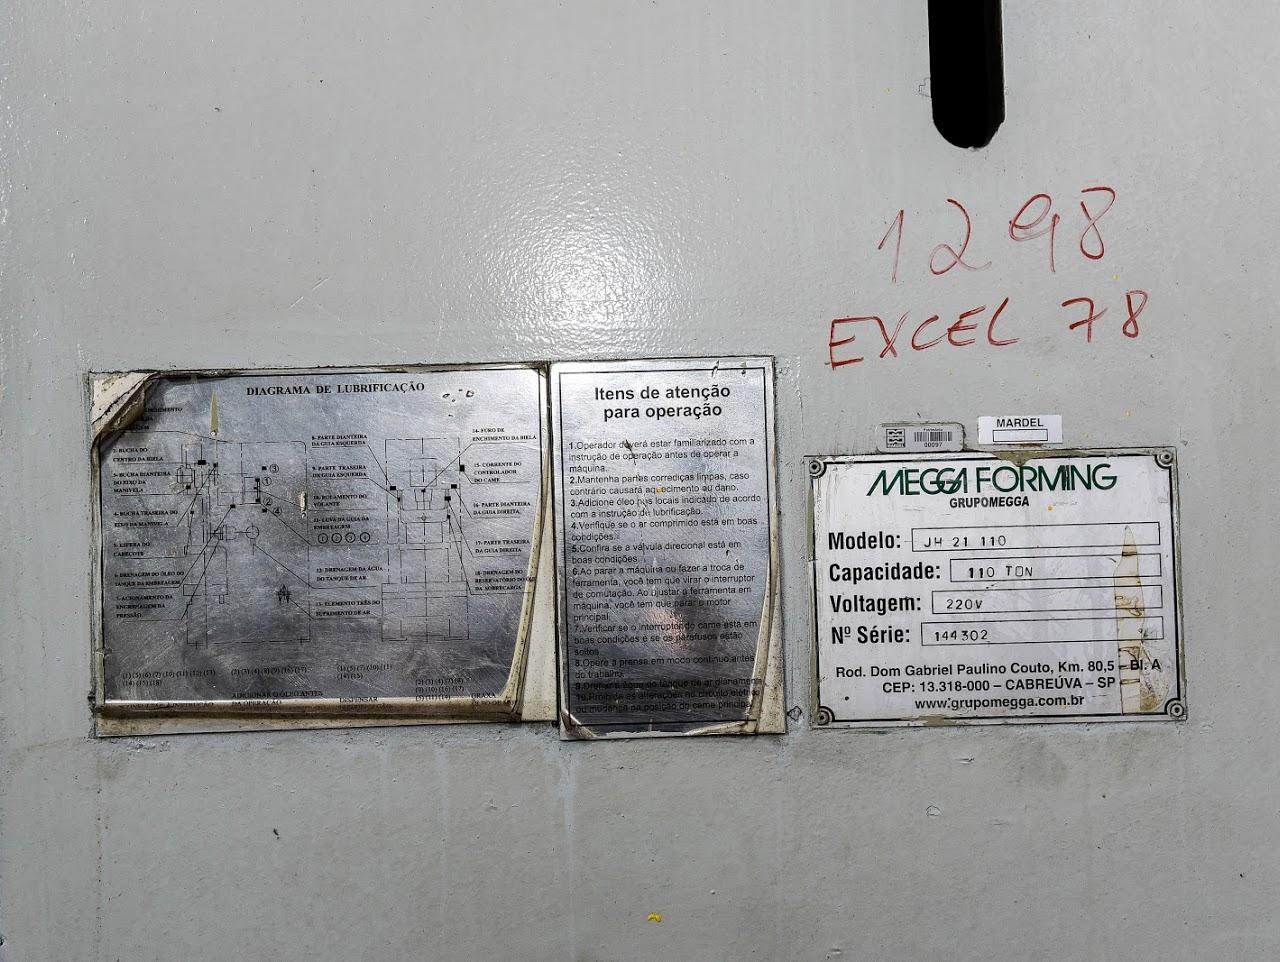 Prensa Excêntrica marca JIN MEGGA FORMING 110 ton #31-1298  - AEG Comercial